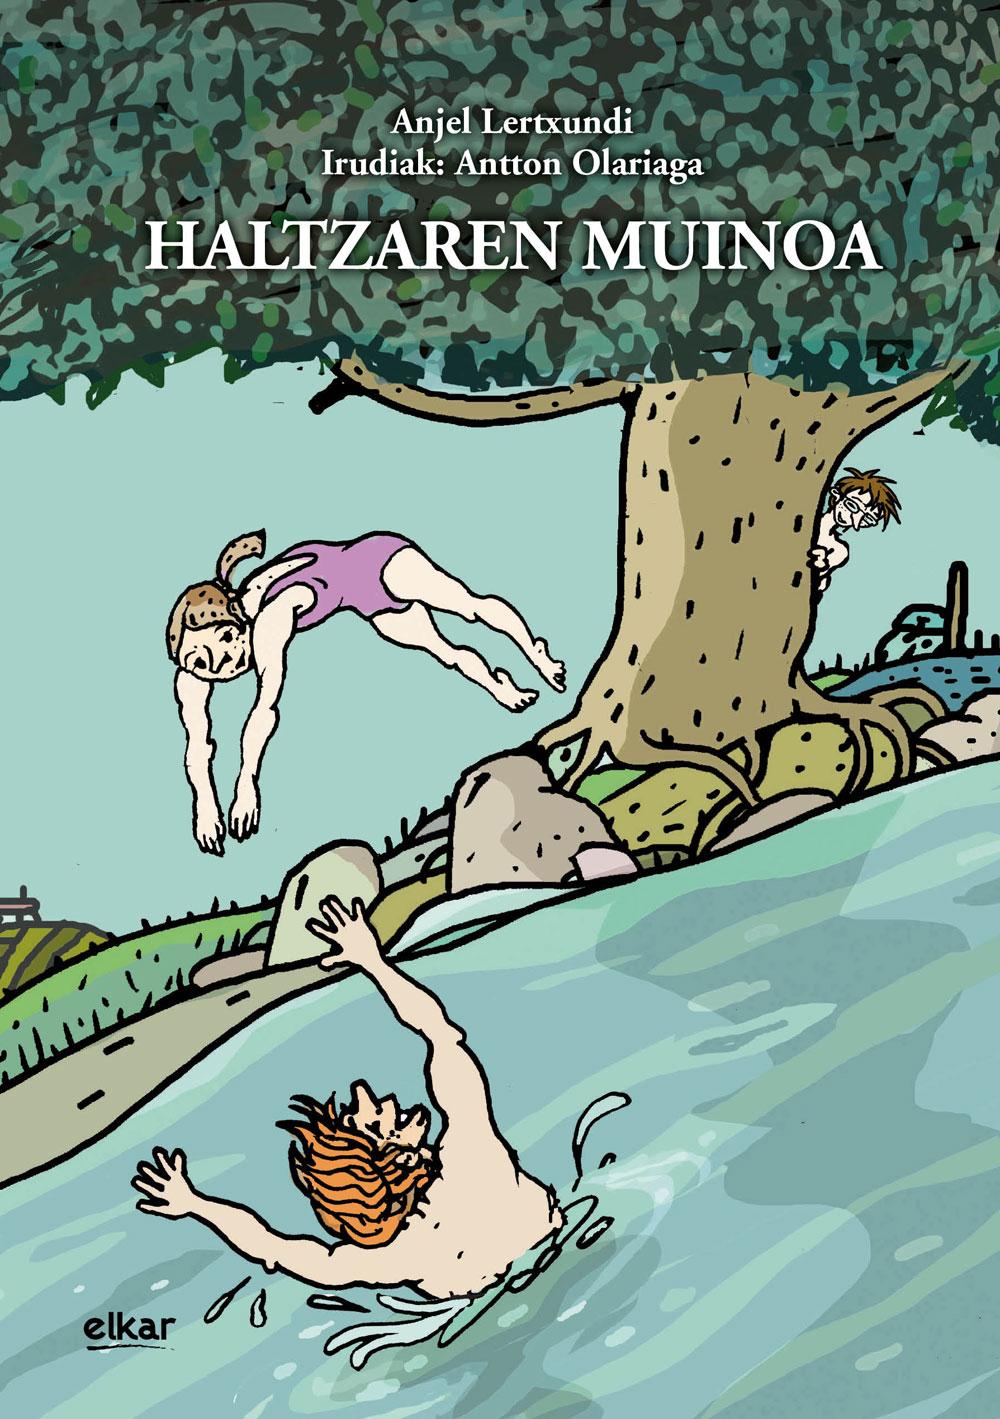 Haltzaren muinoa | Anjel Lertxundi | Ilustrazioak: Antton Olariaga | Elkar, 2020.